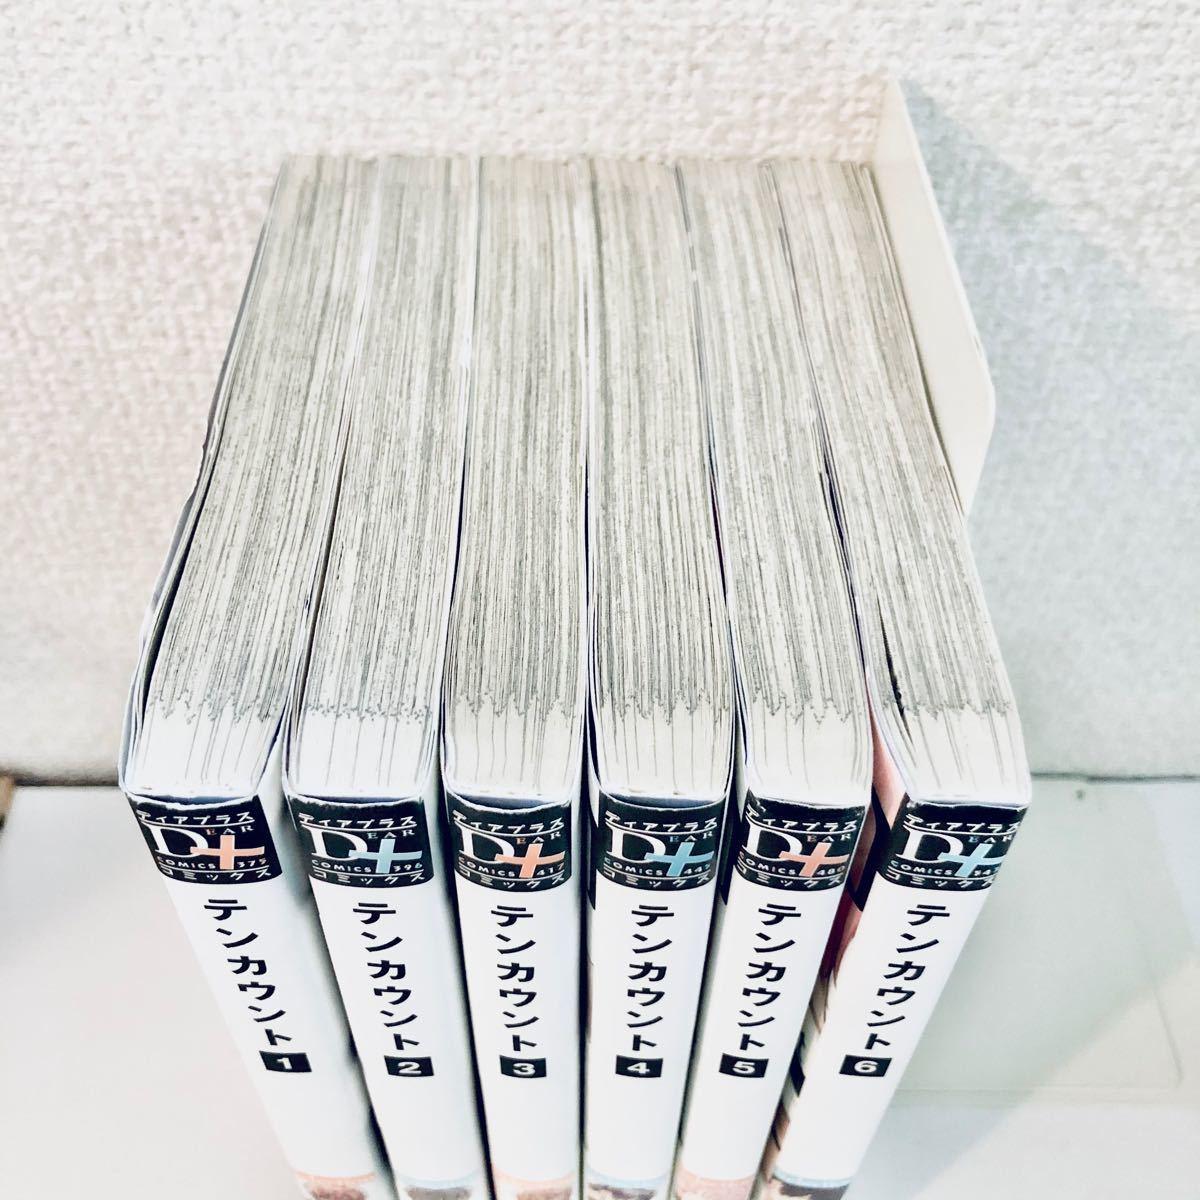 【匿名配送】特典ペーパー有り☆テンカウント 宝井理人 全巻セット【送料無料】